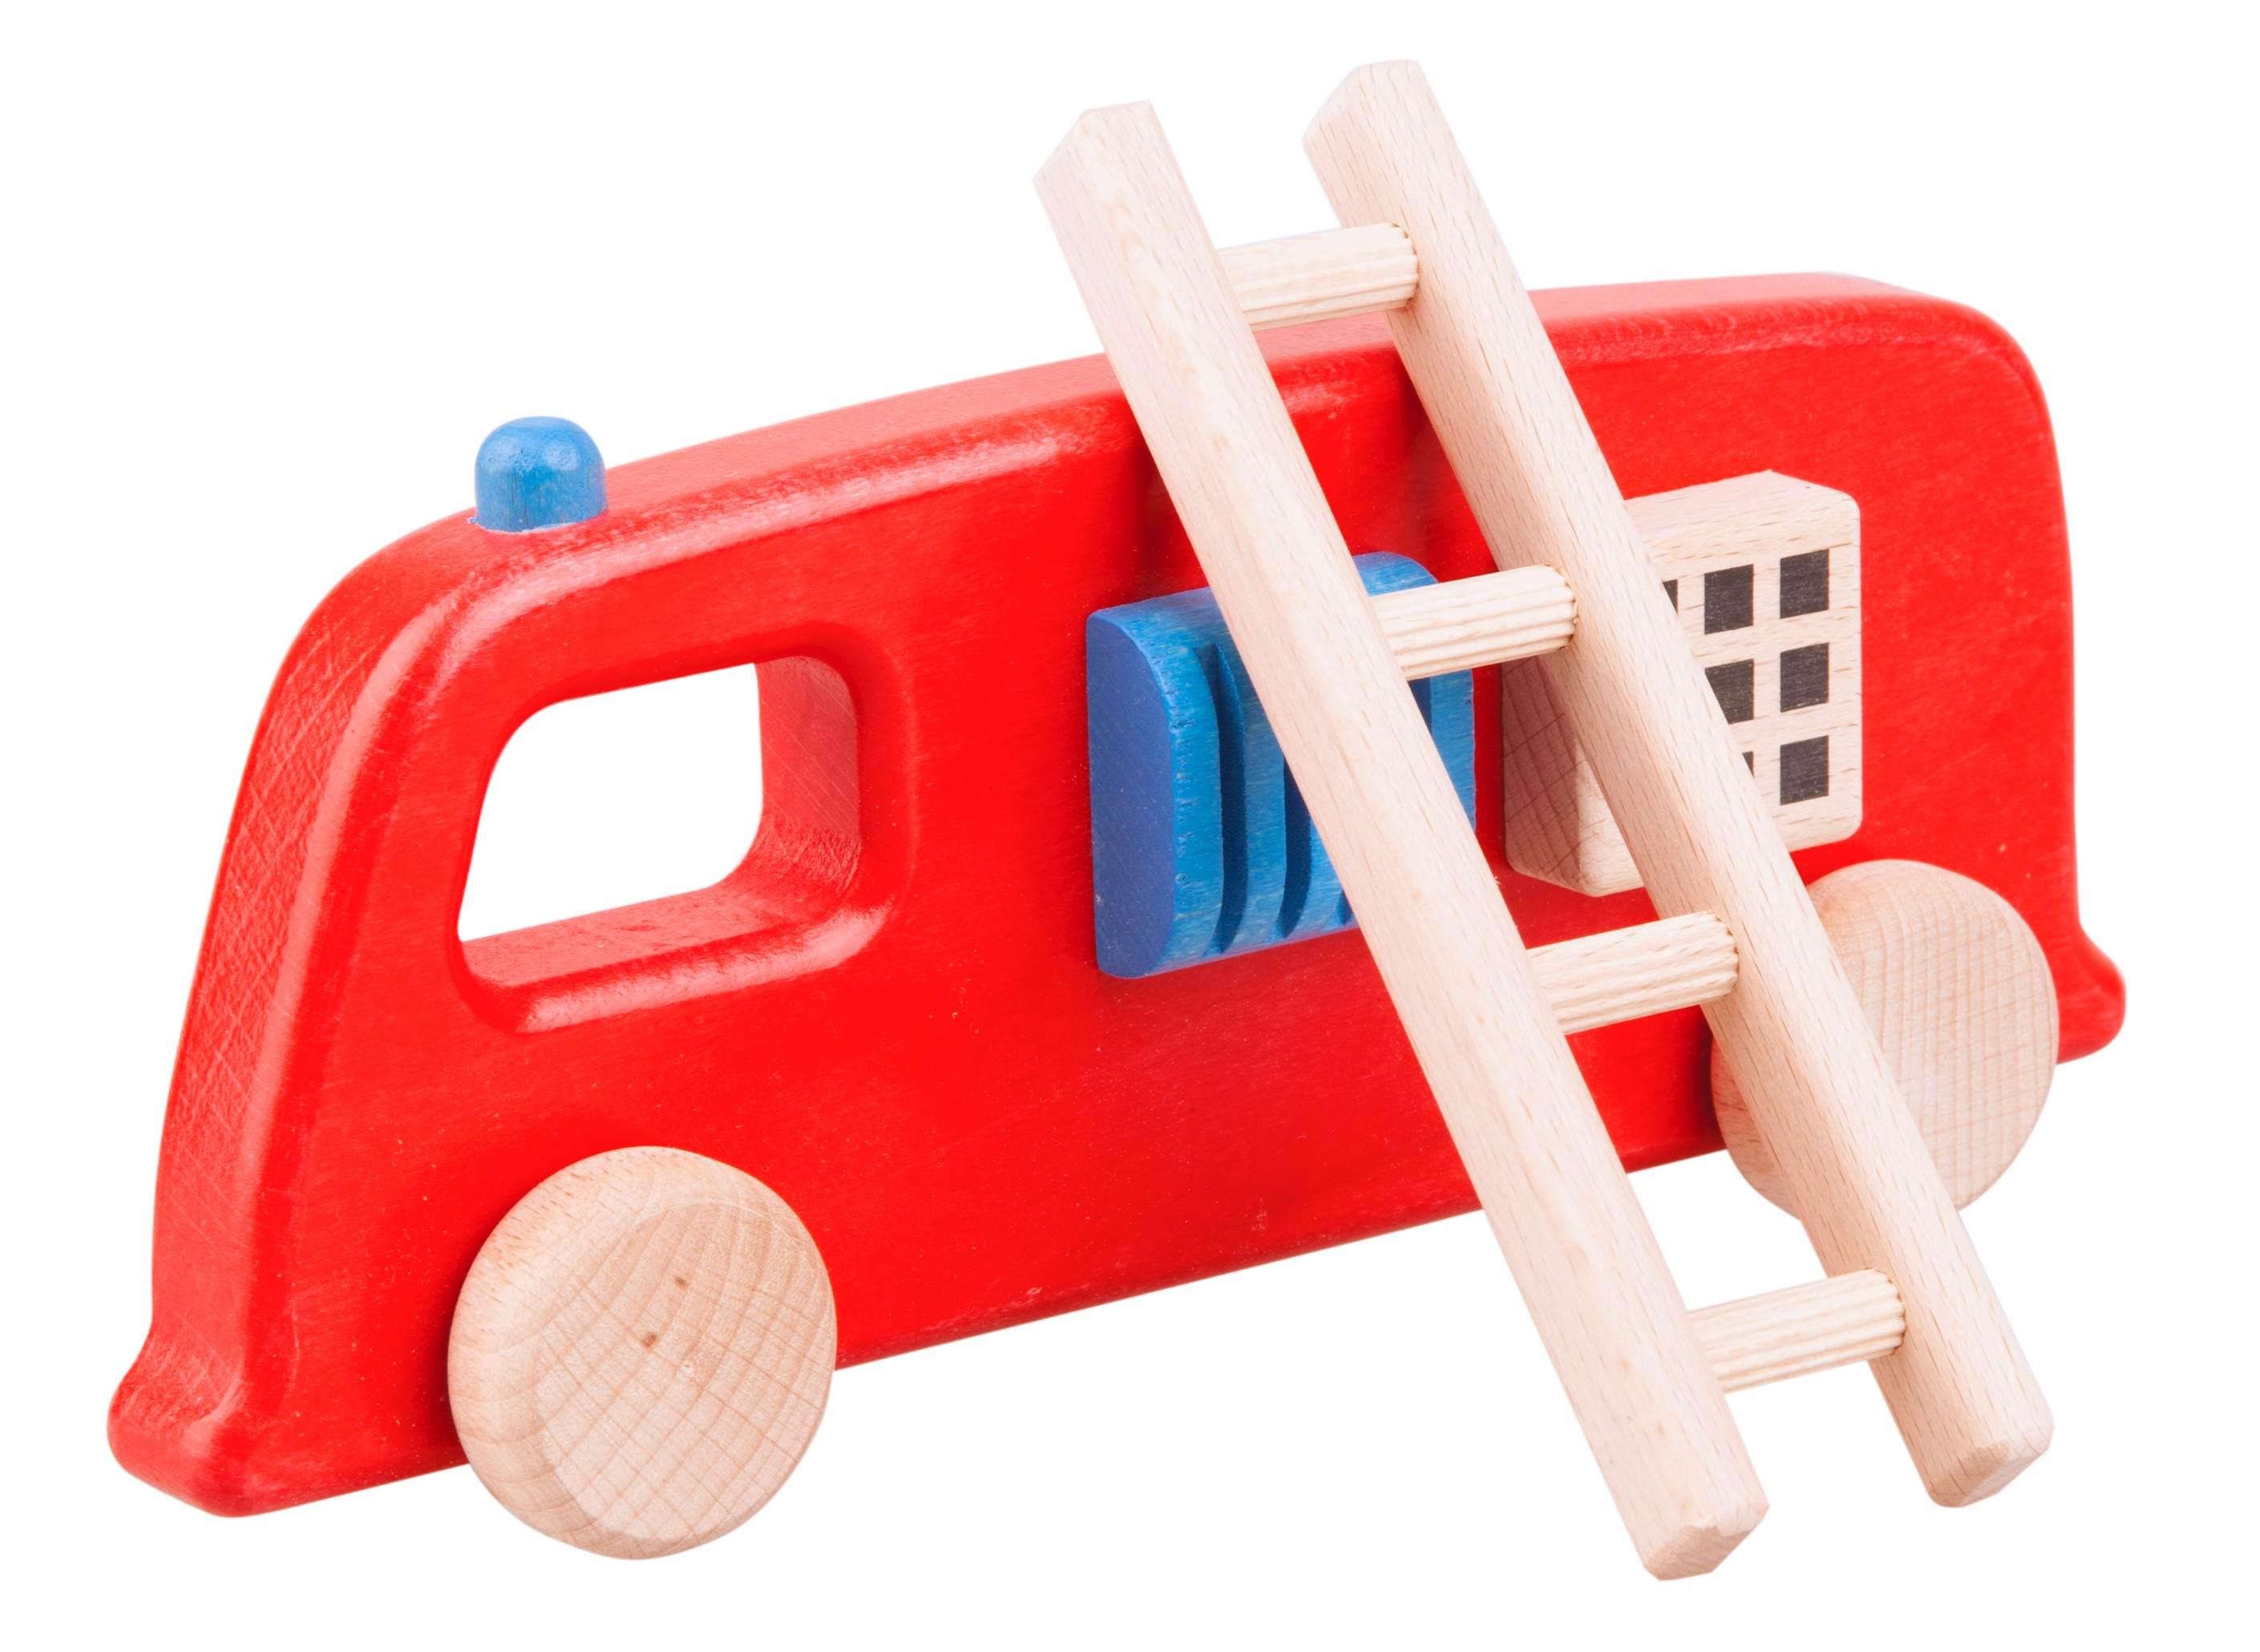 zabawka-drewniana-straz-pozarna-eko-jukki